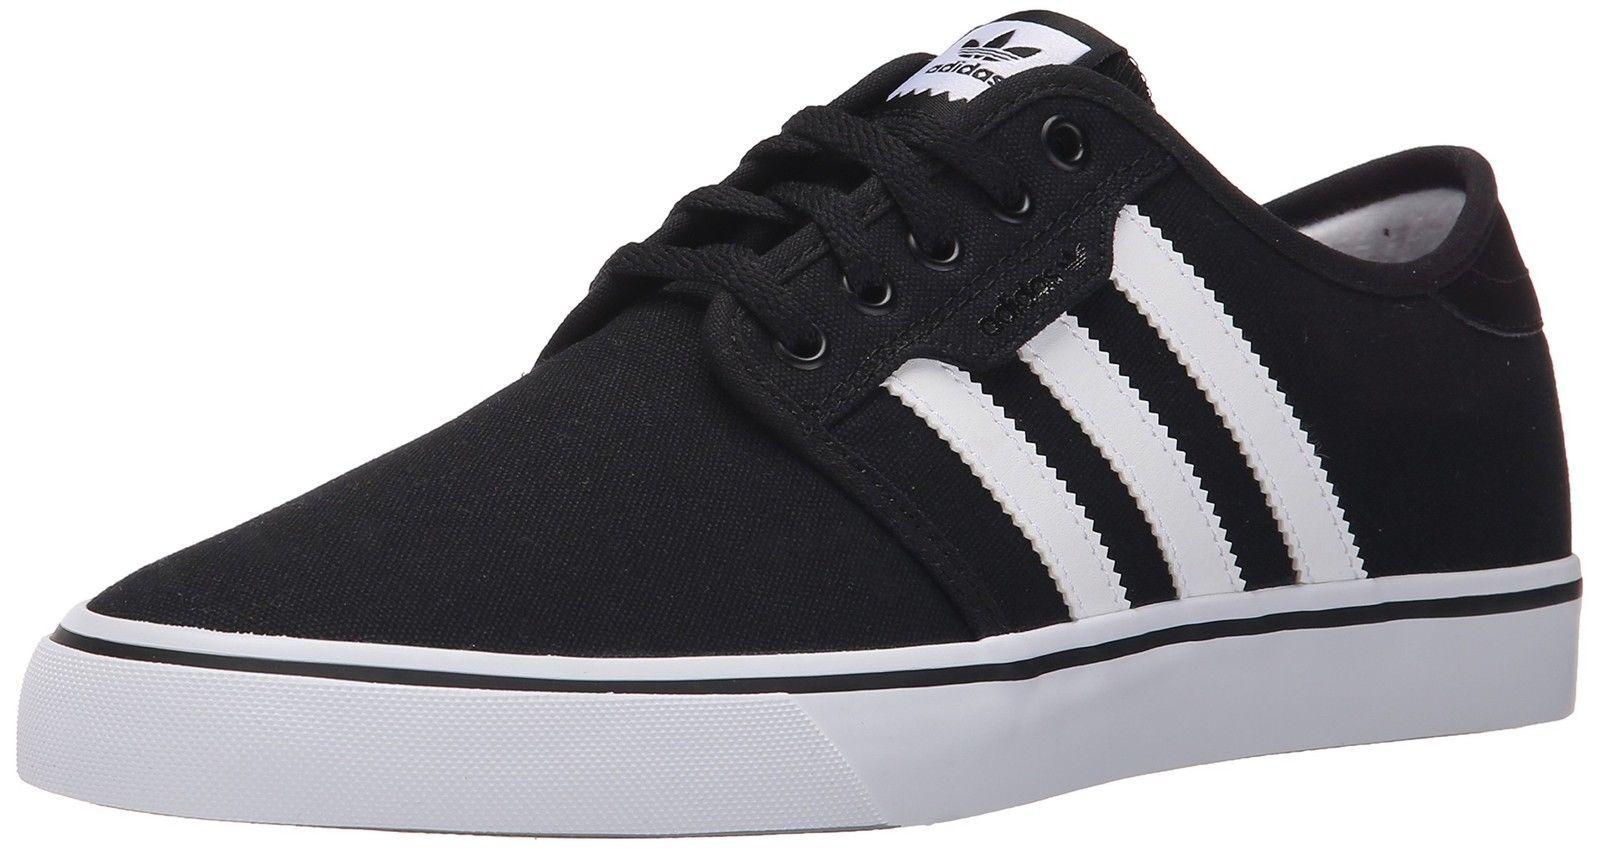 Adidas Seeley Schwarz / Weiß Skateboard Herrenschuhe F37427 Neue schnelle Lieferung